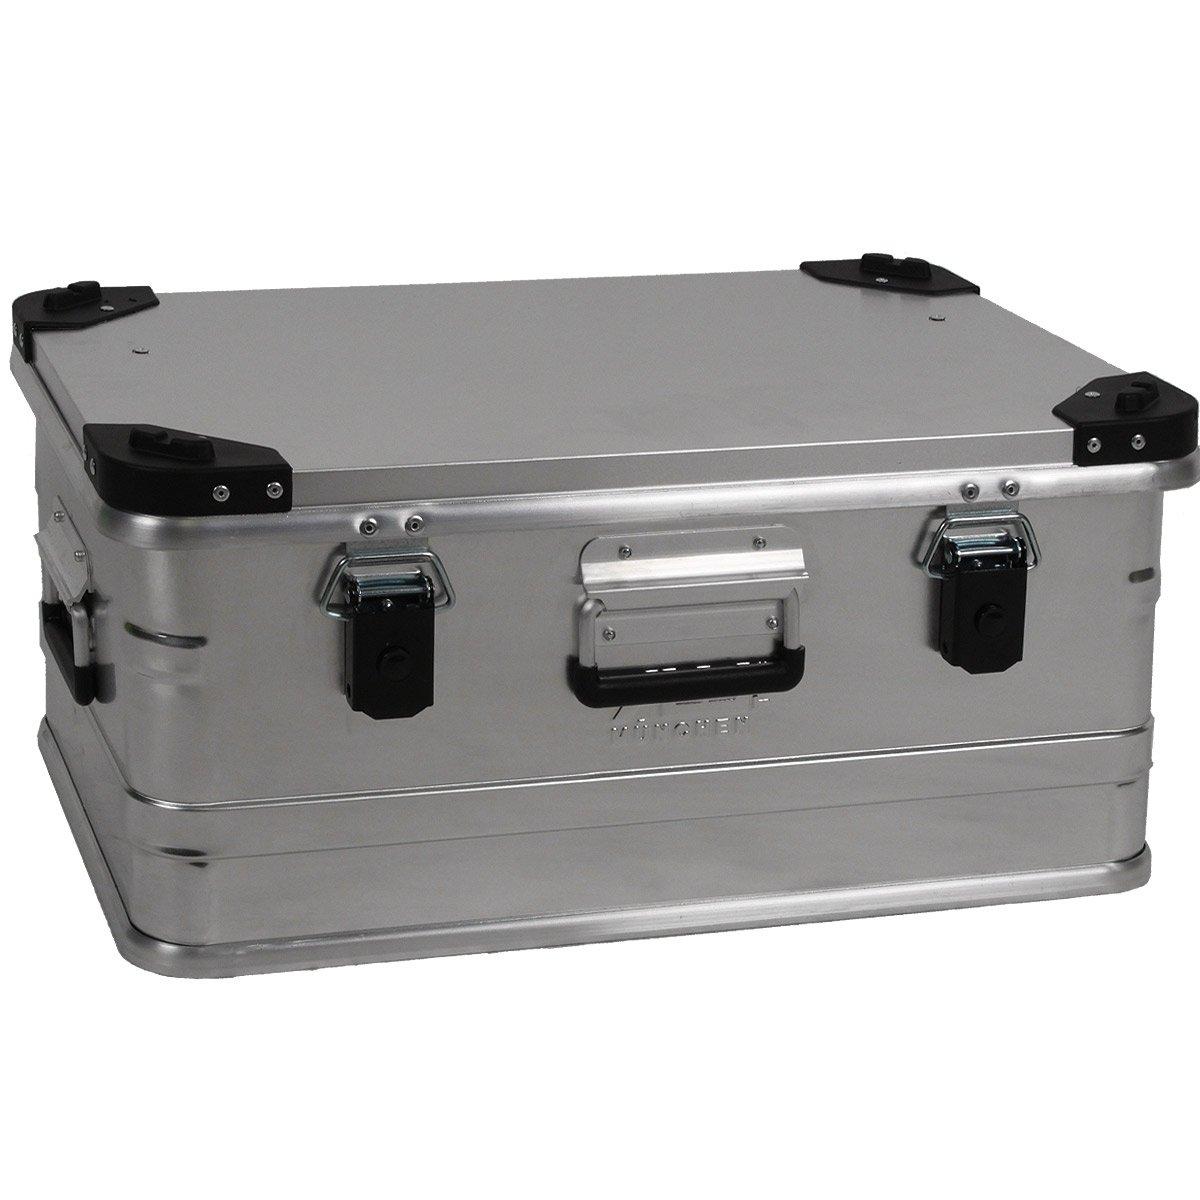 Alukoffer Alubox Lagerbox Alukiste Kiste 47 Liter  D47 1,0 mm starkes Aluminium  BaumarktÜberprüfung und weitere Informationen